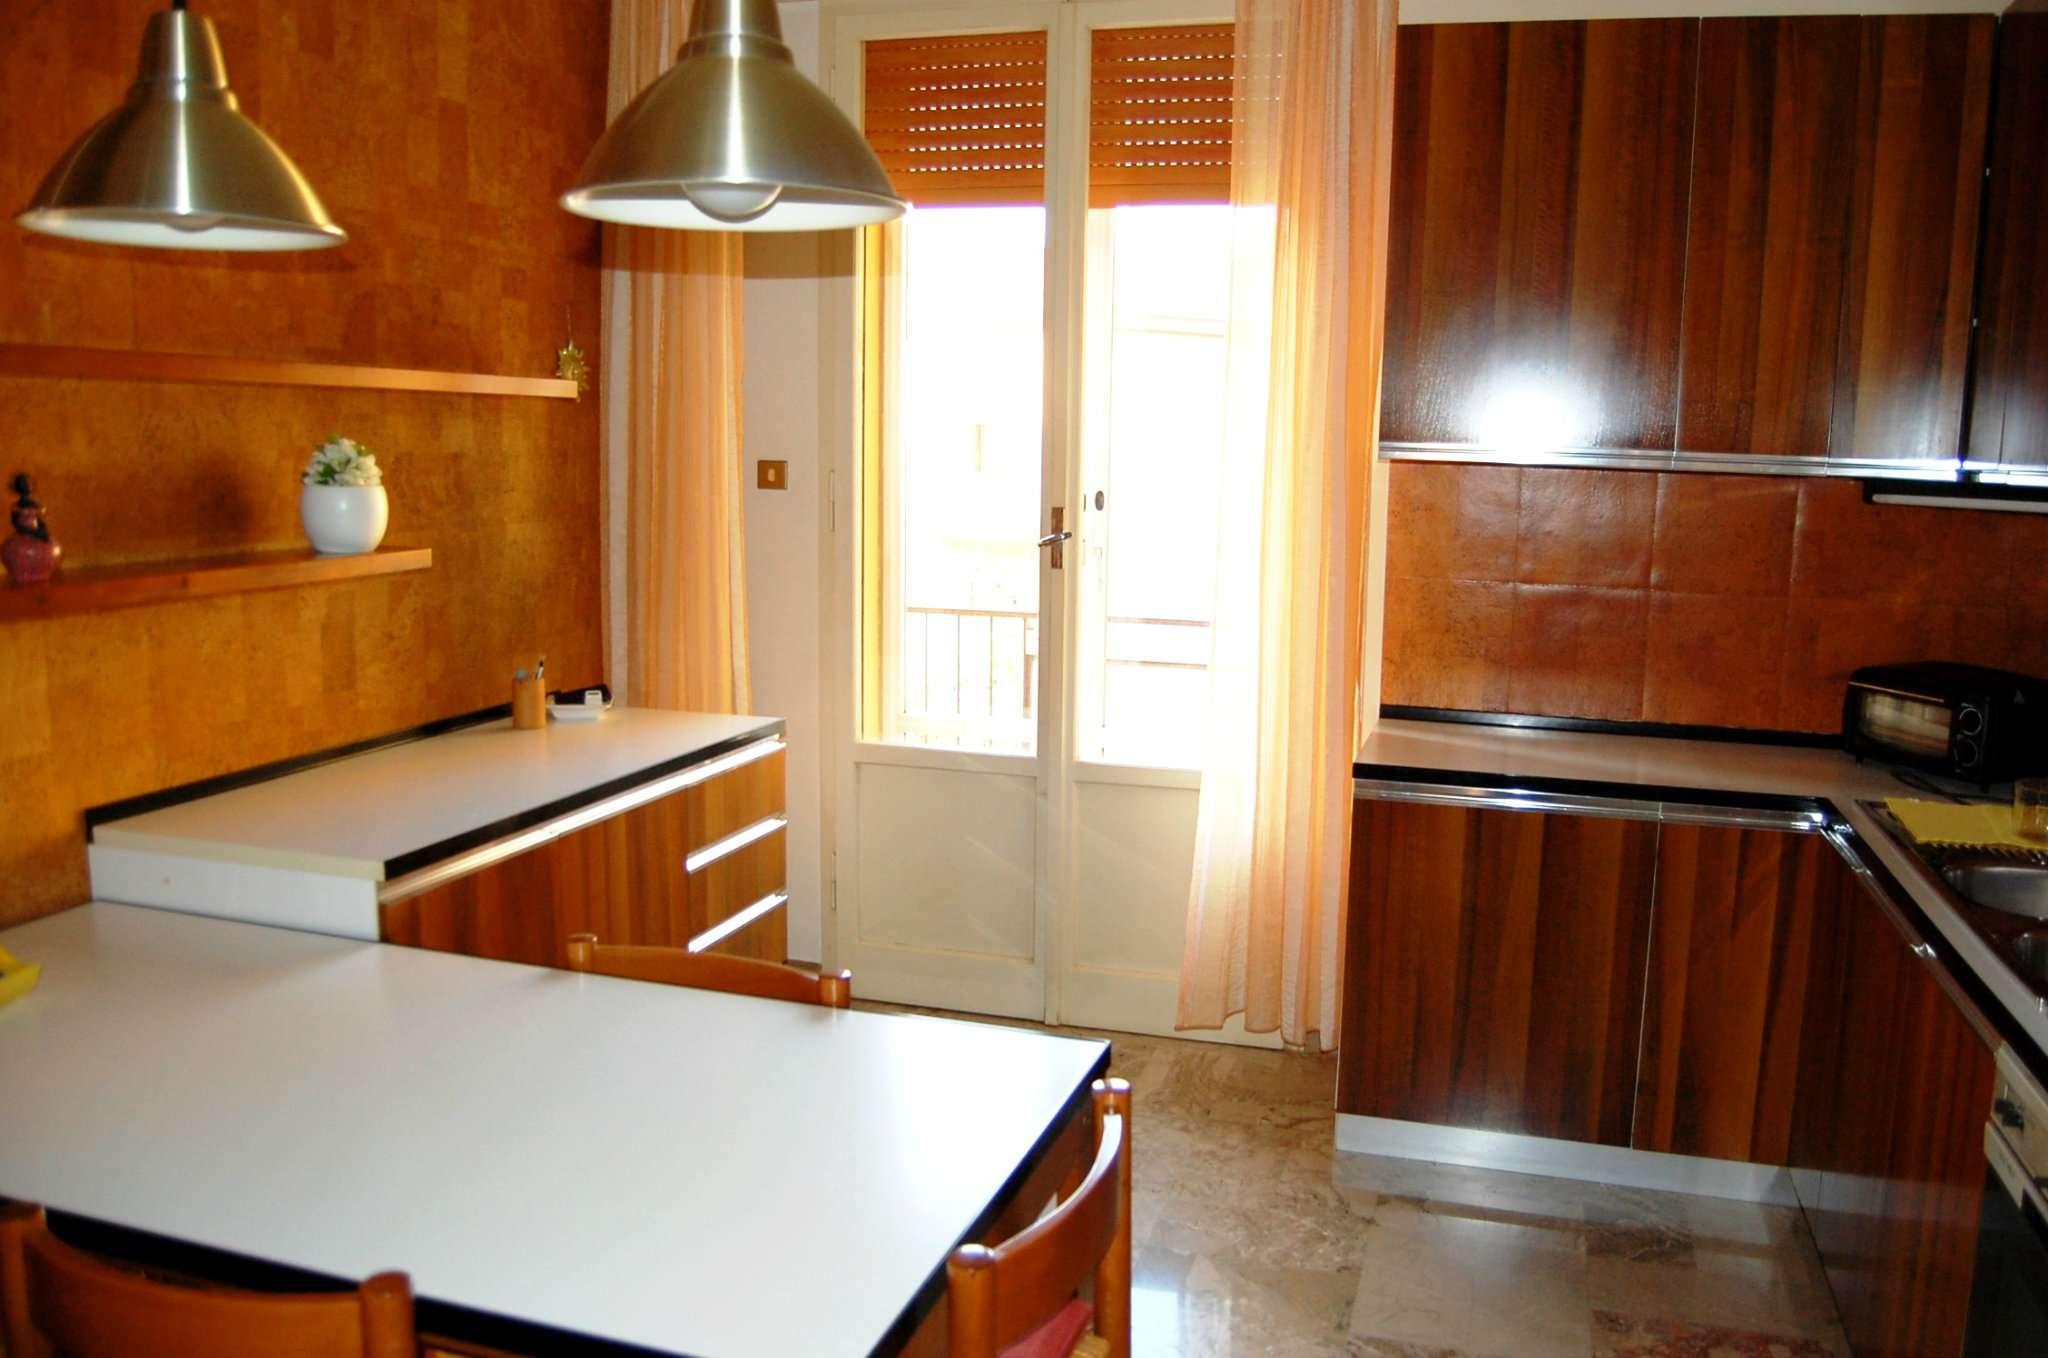 Appartamento in vendita a Imola, 4 locali, prezzo € 118.000 | CambioCasa.it